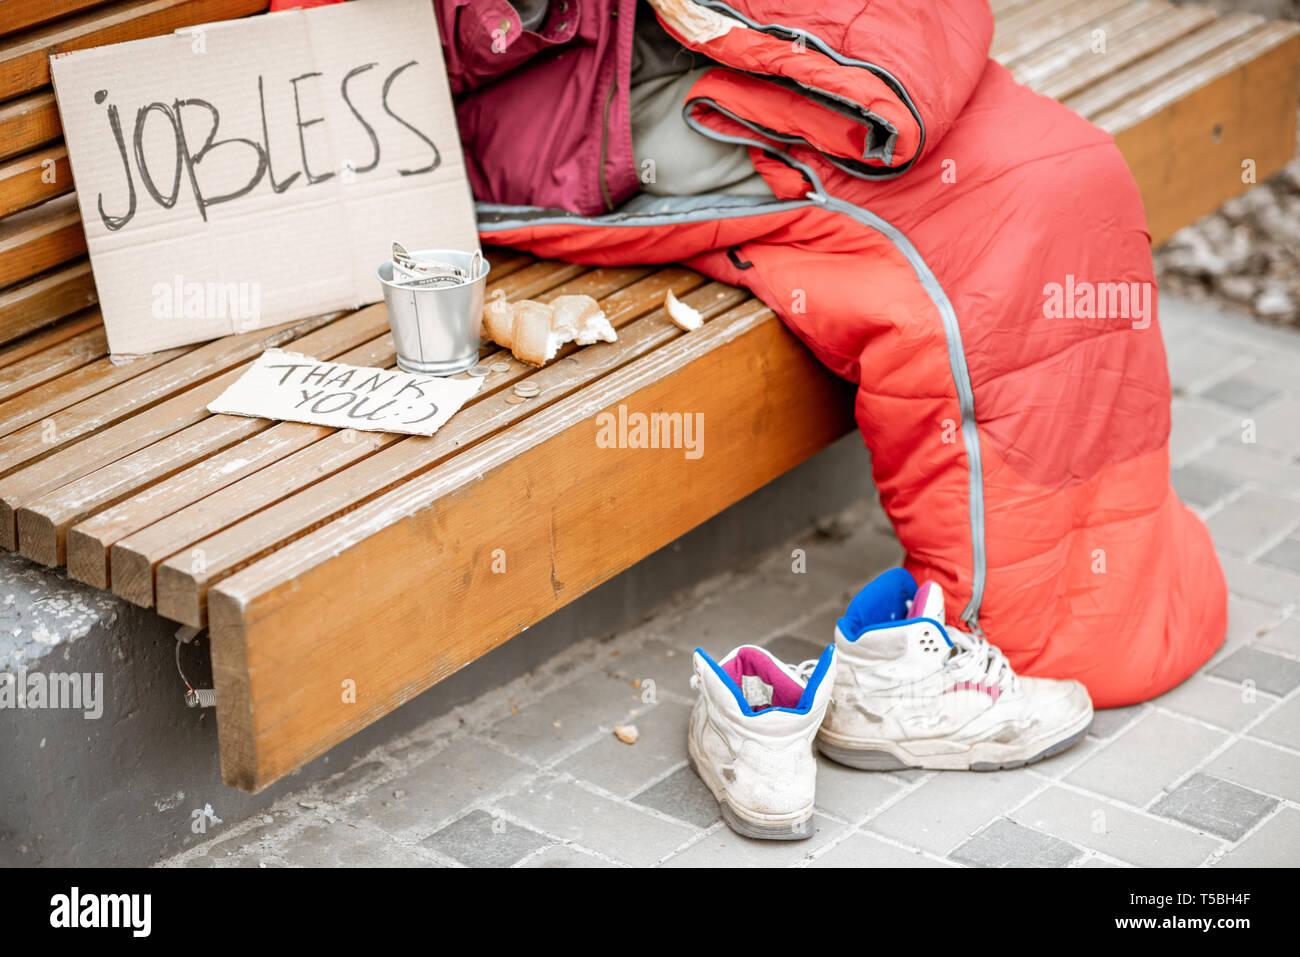 Disoccupati mendicante con il cartone e la tazza di mendicare un po' di soldi e ravvicinata con nessun volto Immagini Stock